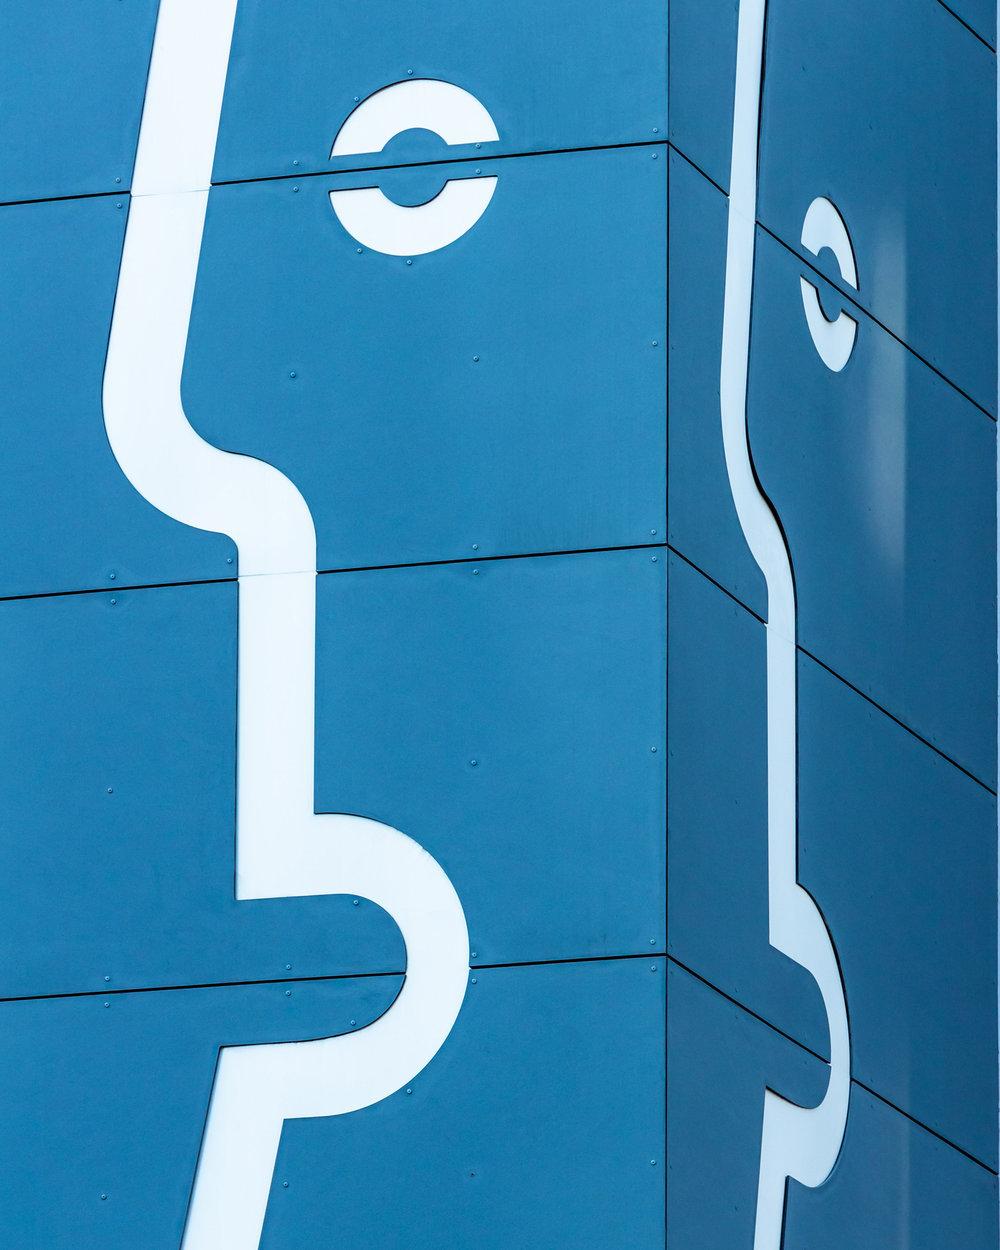 Gurukul School of Design -